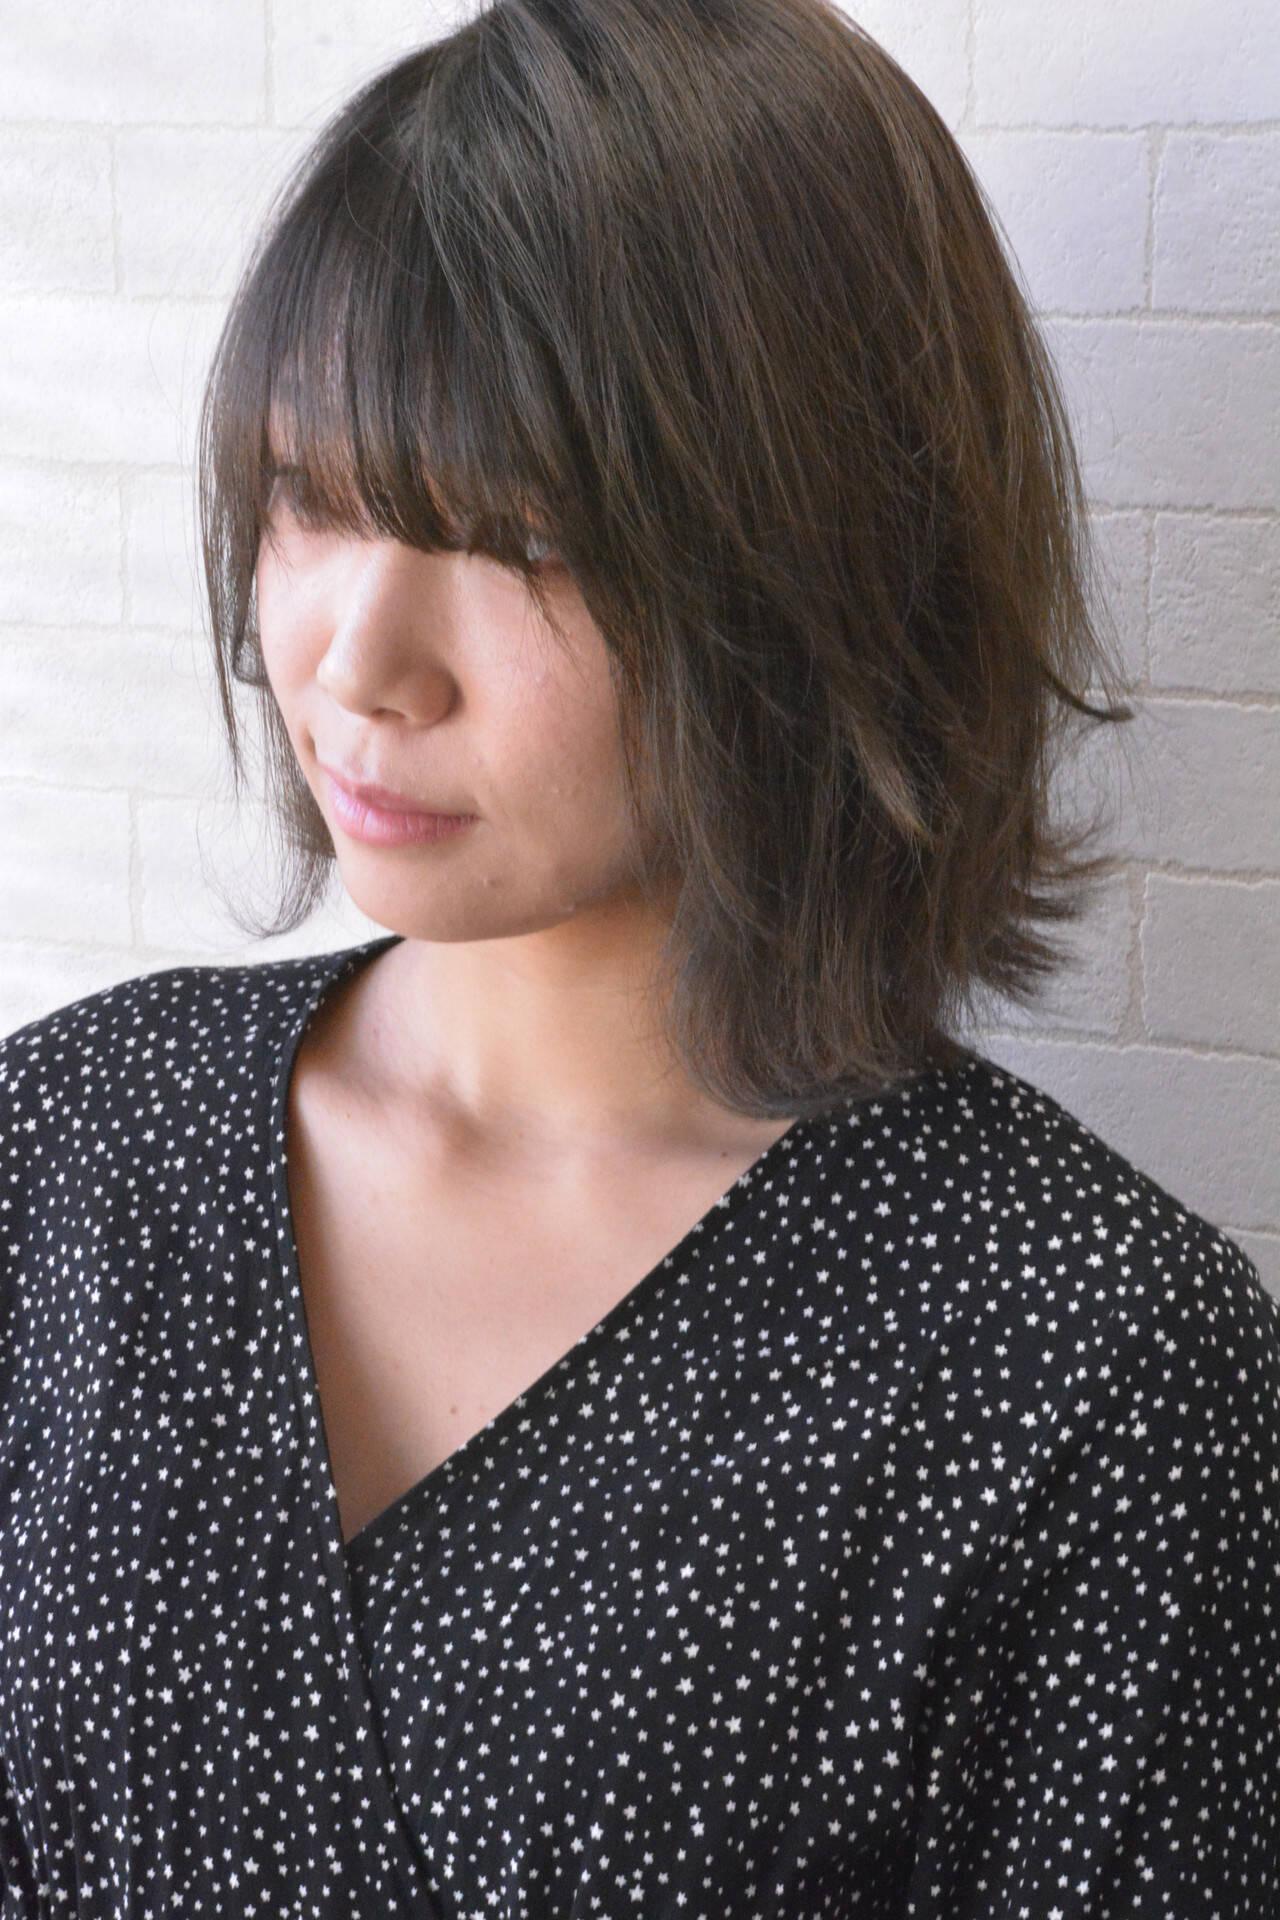 デート ナチュラル 髪質改善トリートメント 髪質改善カラーヘアスタイルや髪型の写真・画像